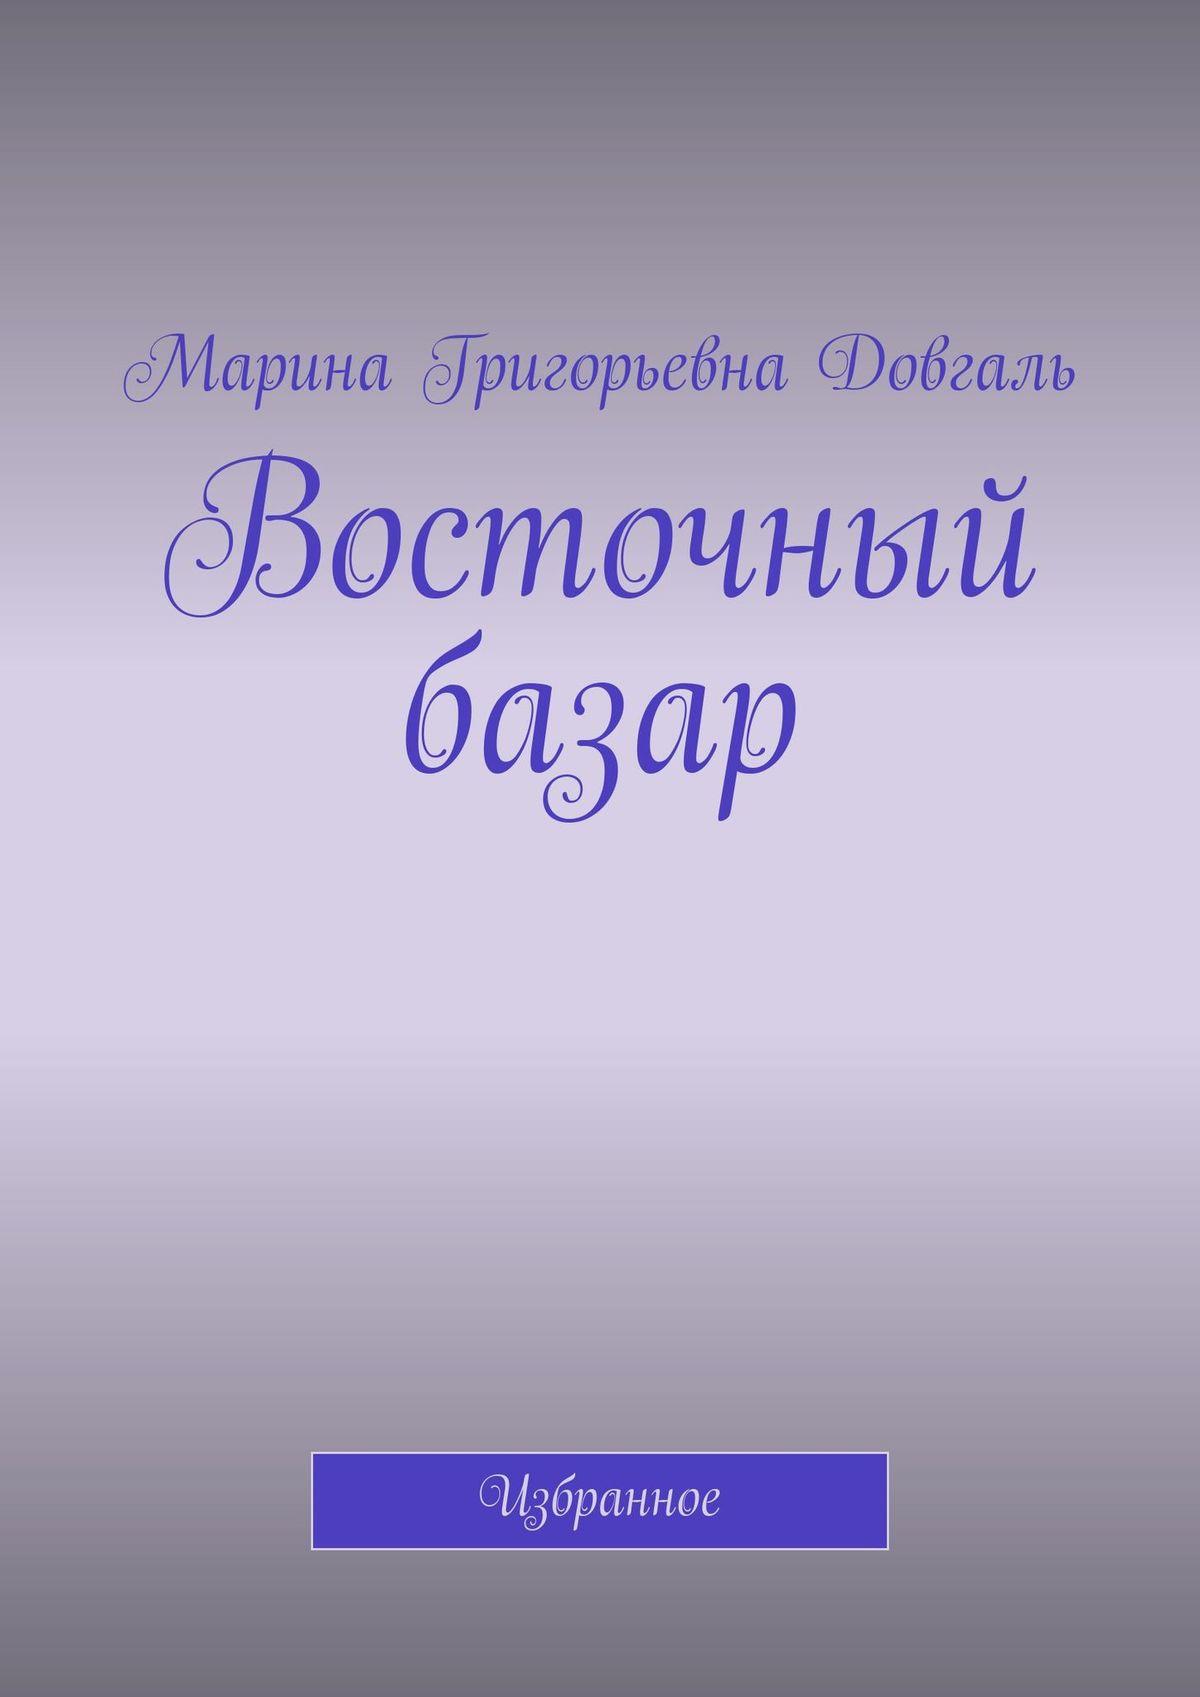 Марина Григорьевна Довгаль Восточный базар. Избранное марина григорьевна довгаль рубаи избранное